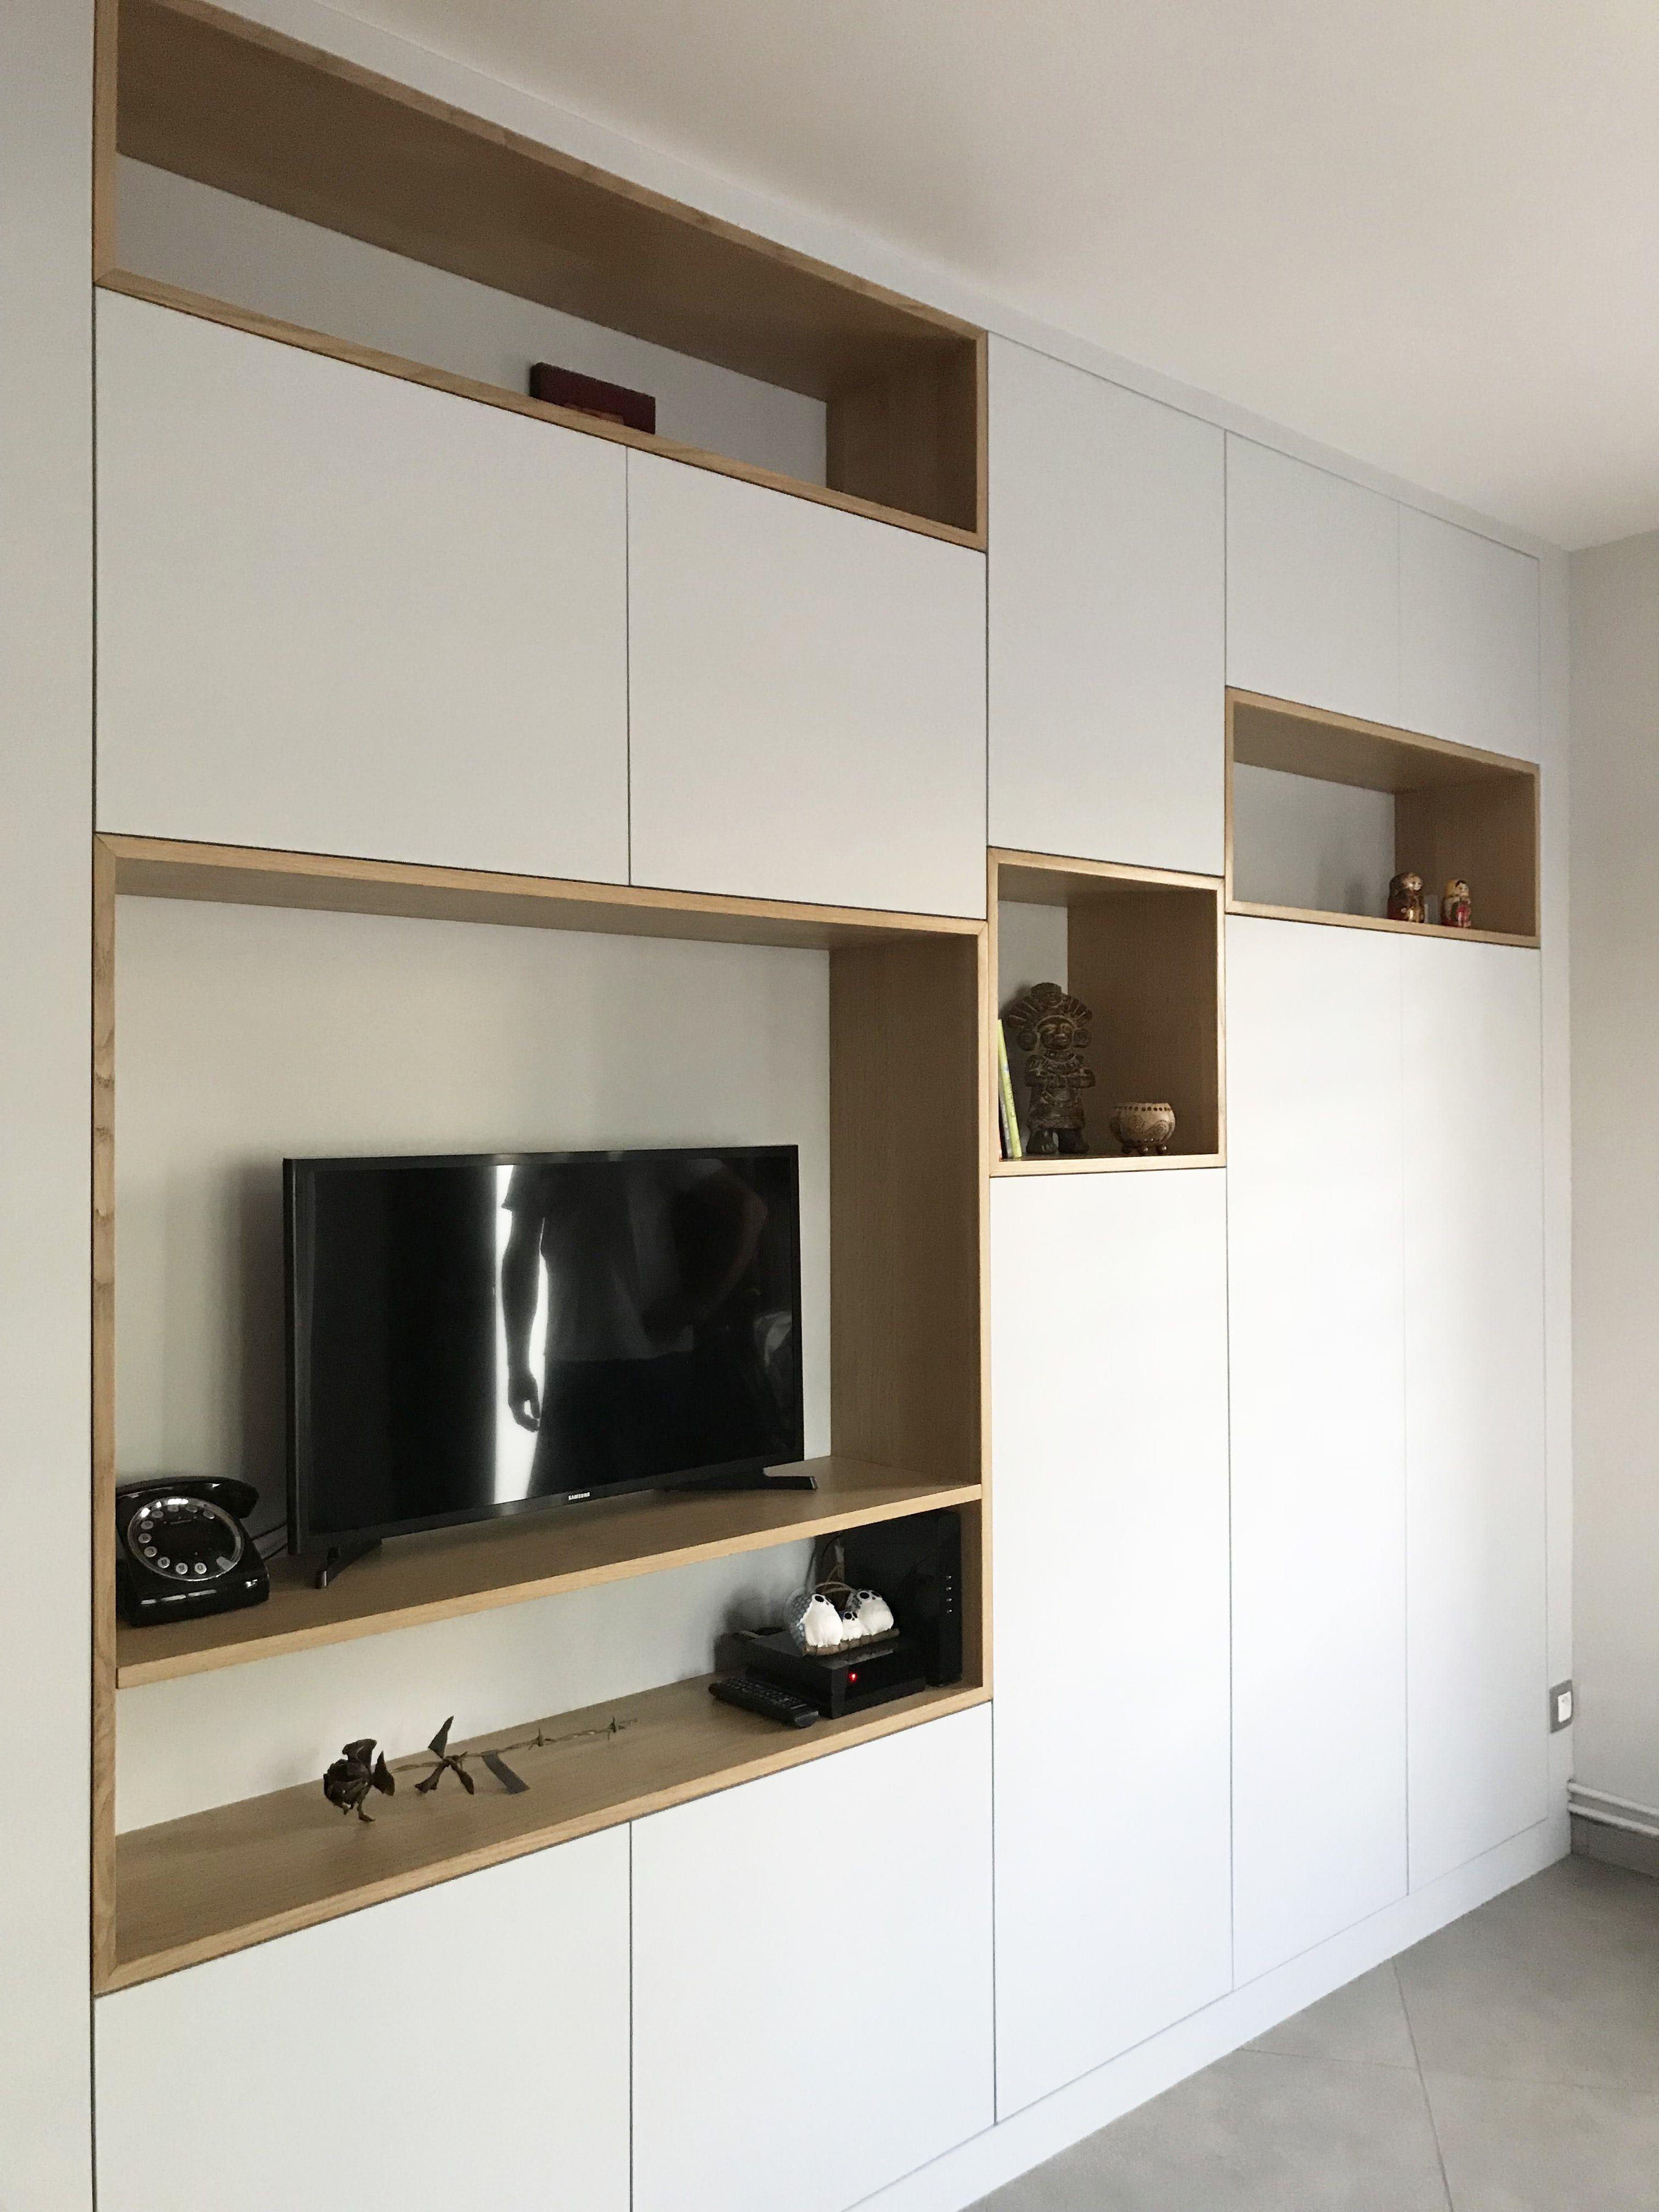 Meuble Tv Sur Mesure Comprenant Une Penderie Et Des Rangements Chaussures Meuble Tv Chambre Meuble Tv Rangement Amenagement Petit Appartement